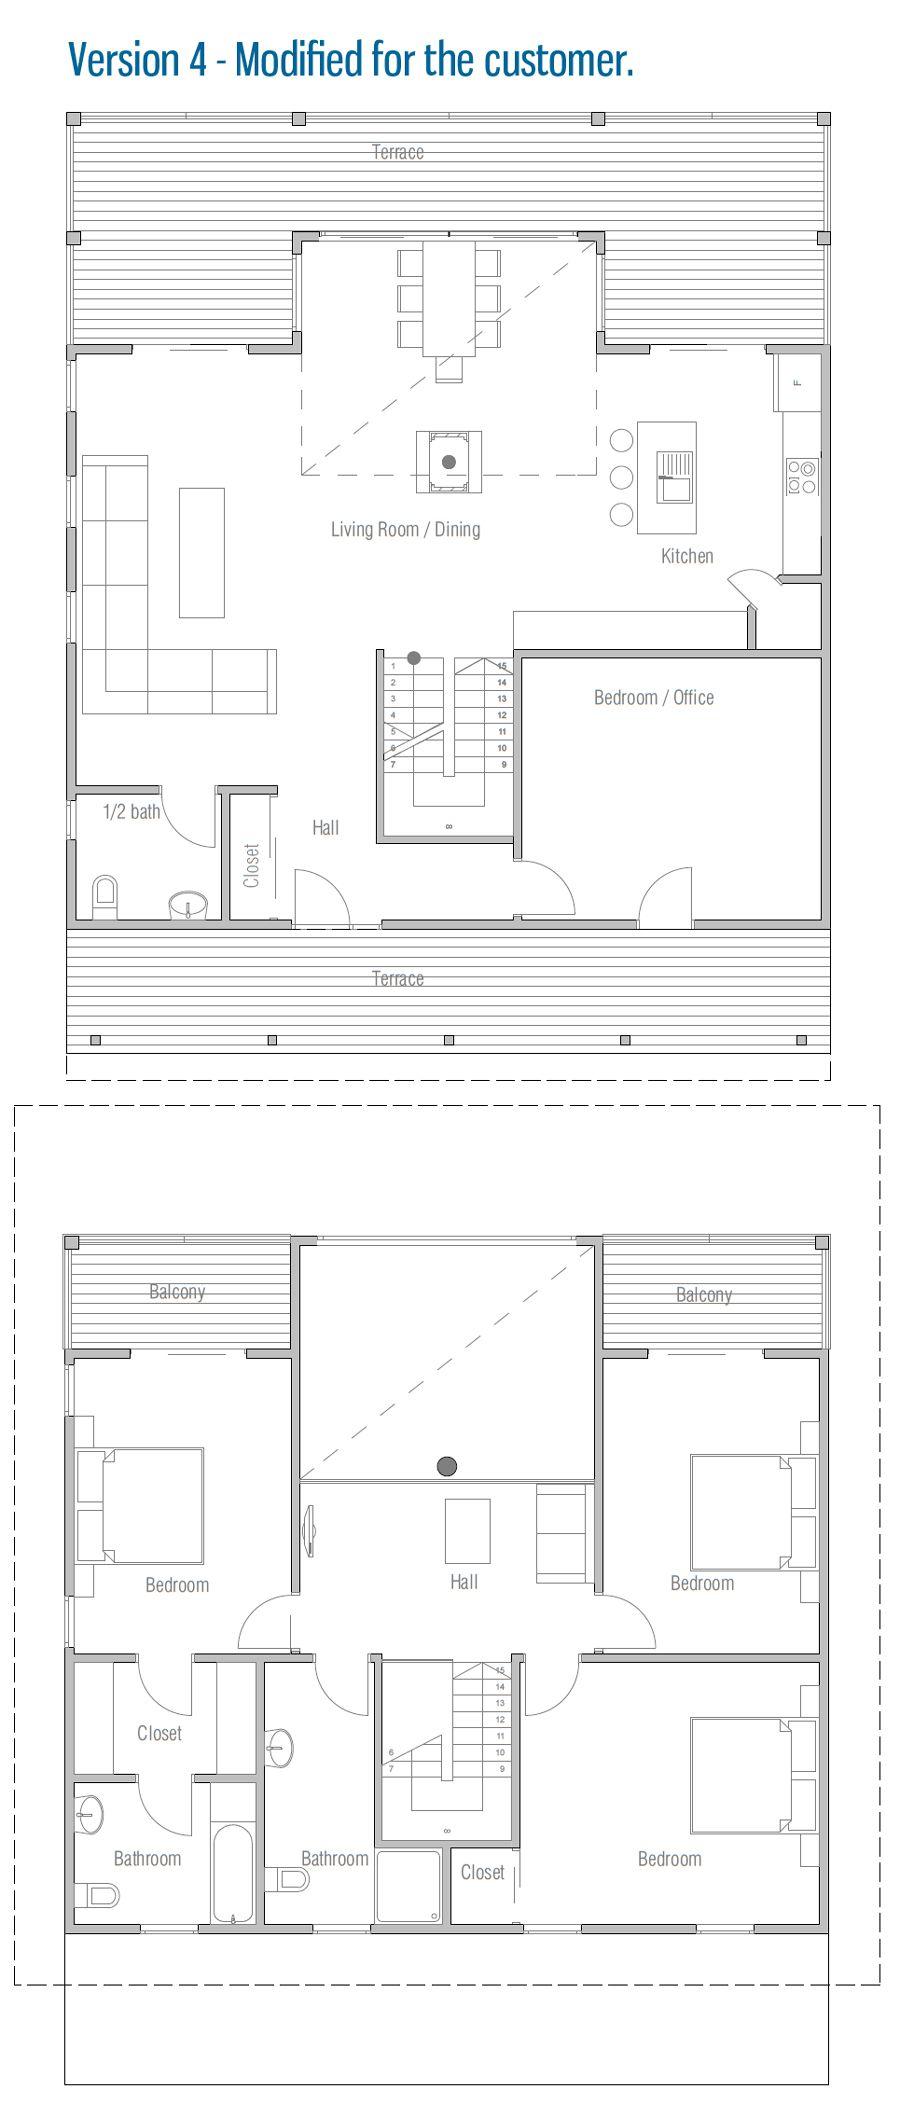 Haus modernes haus pläne moderne häuser kleine häuser sims haus haus blaupausen architektur design haus design grundrisse